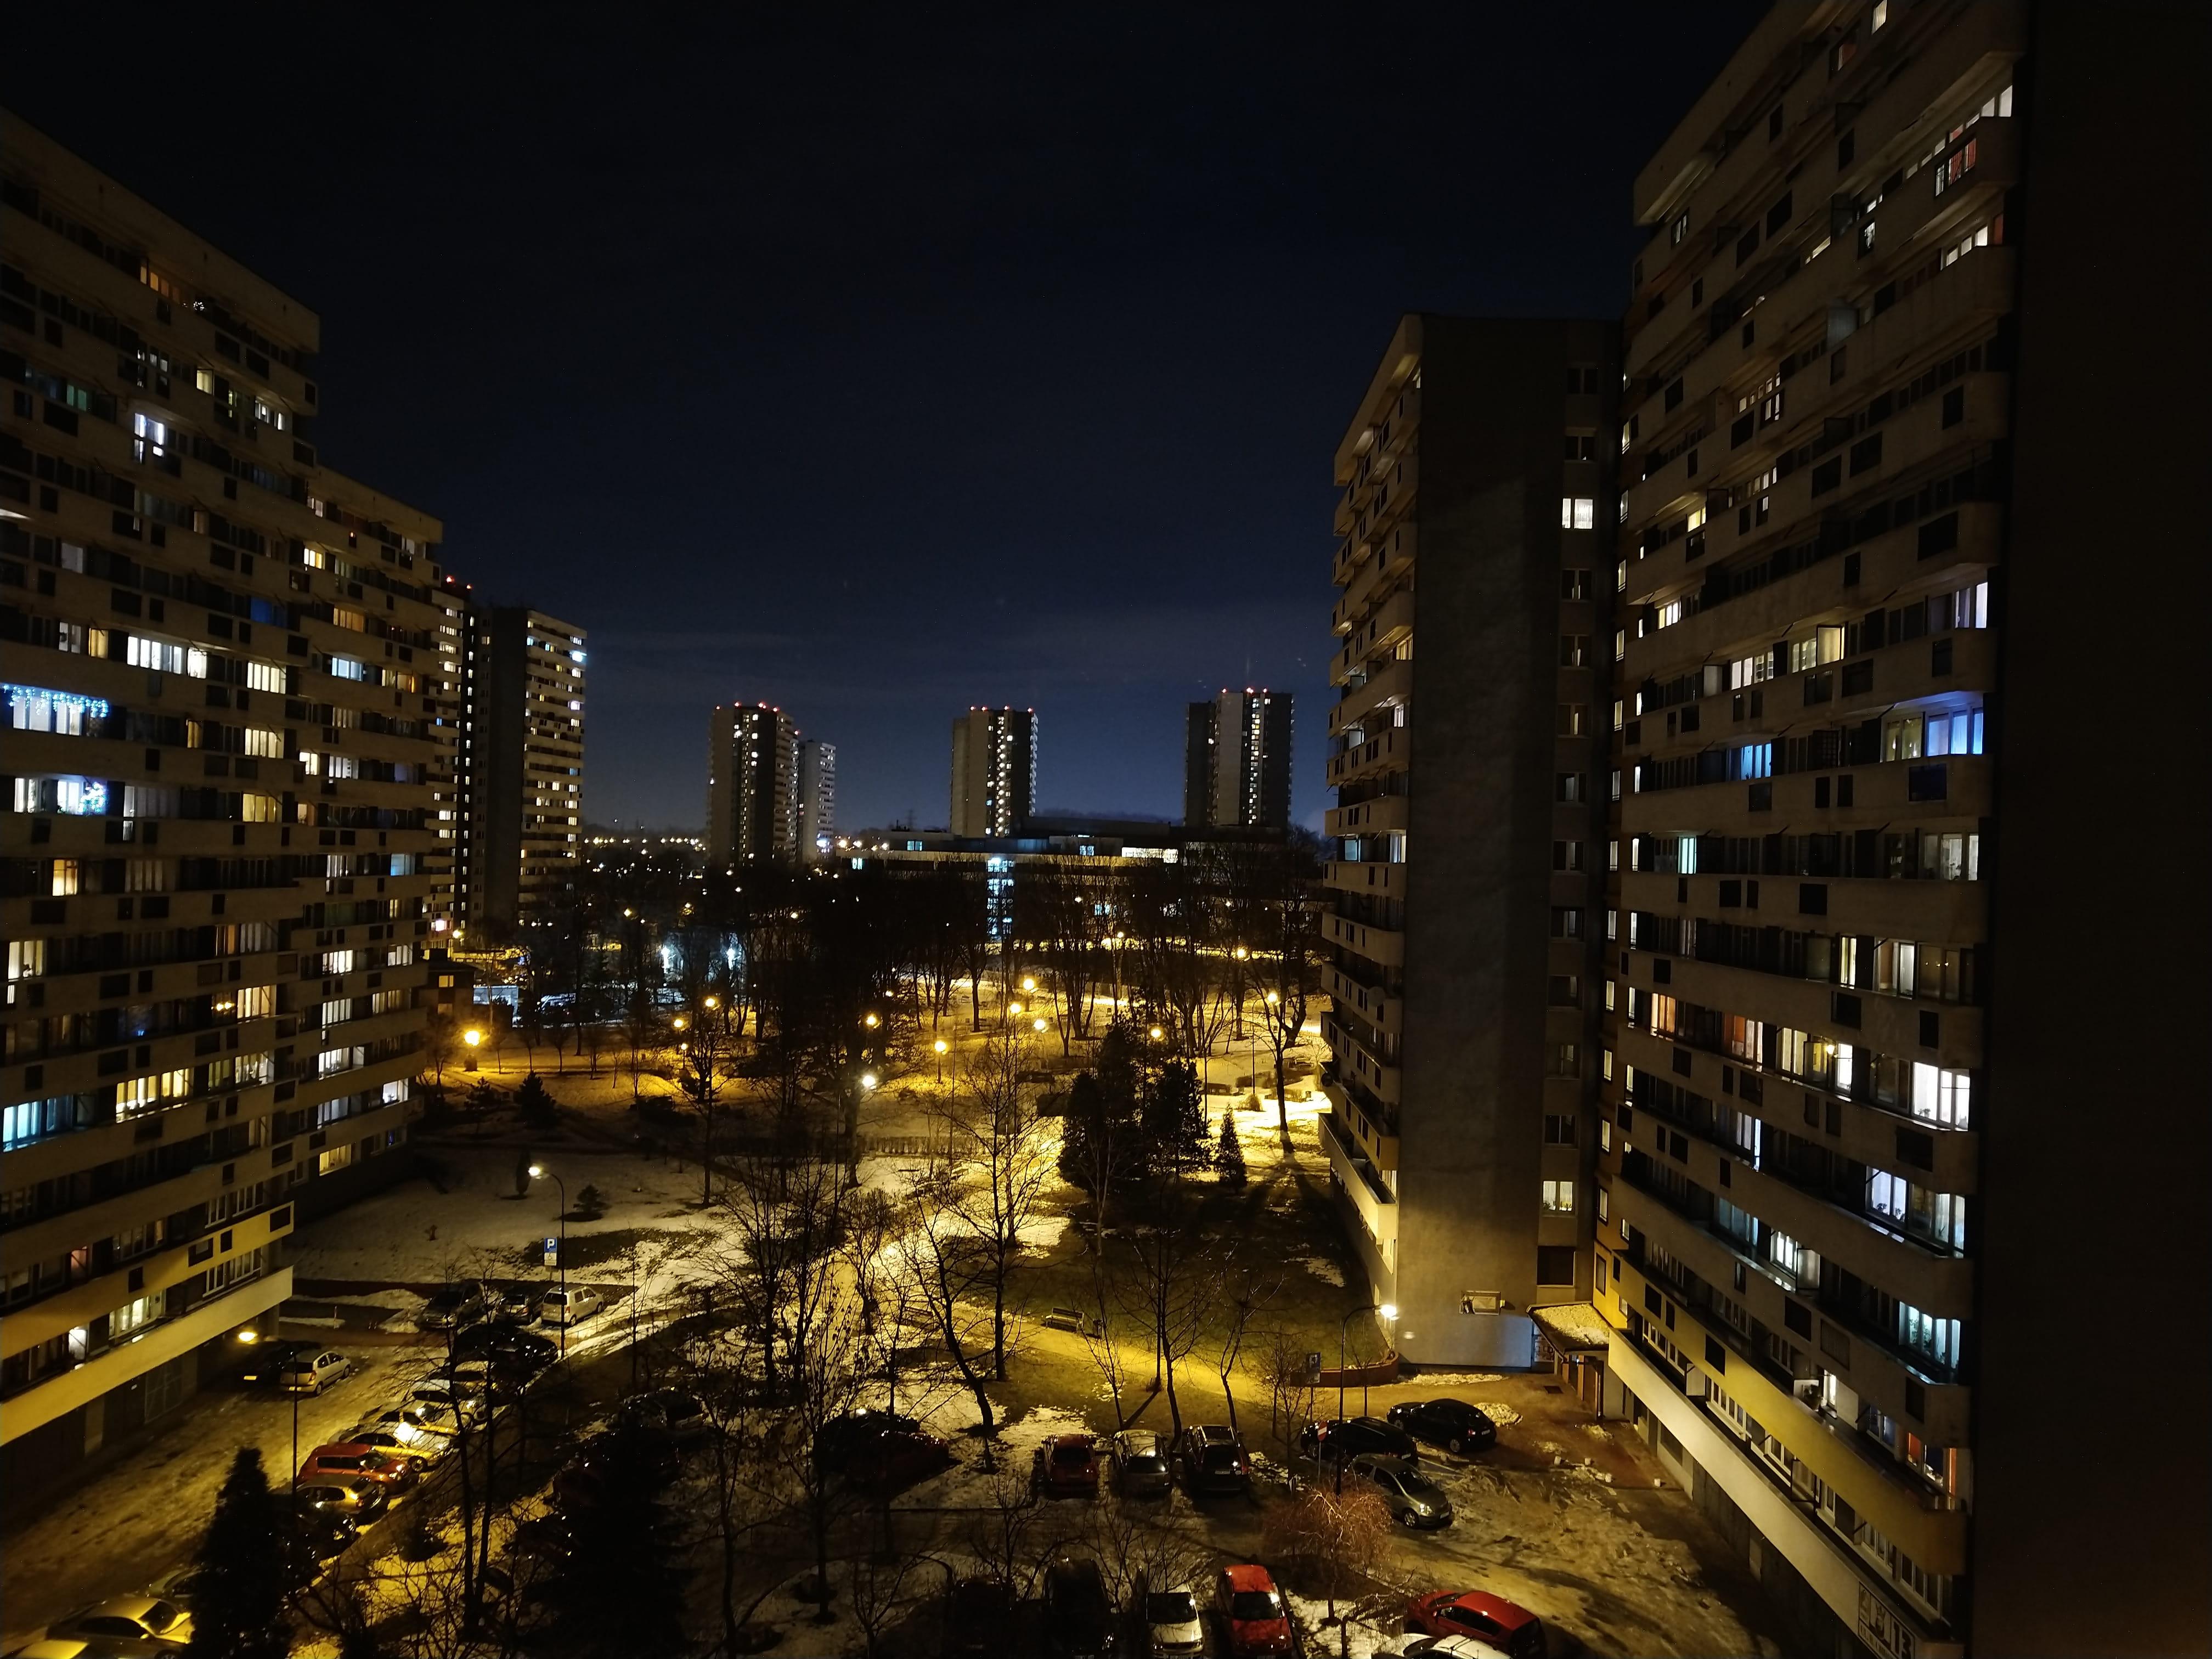 Zdjęcia nocne - Nokia 7.1